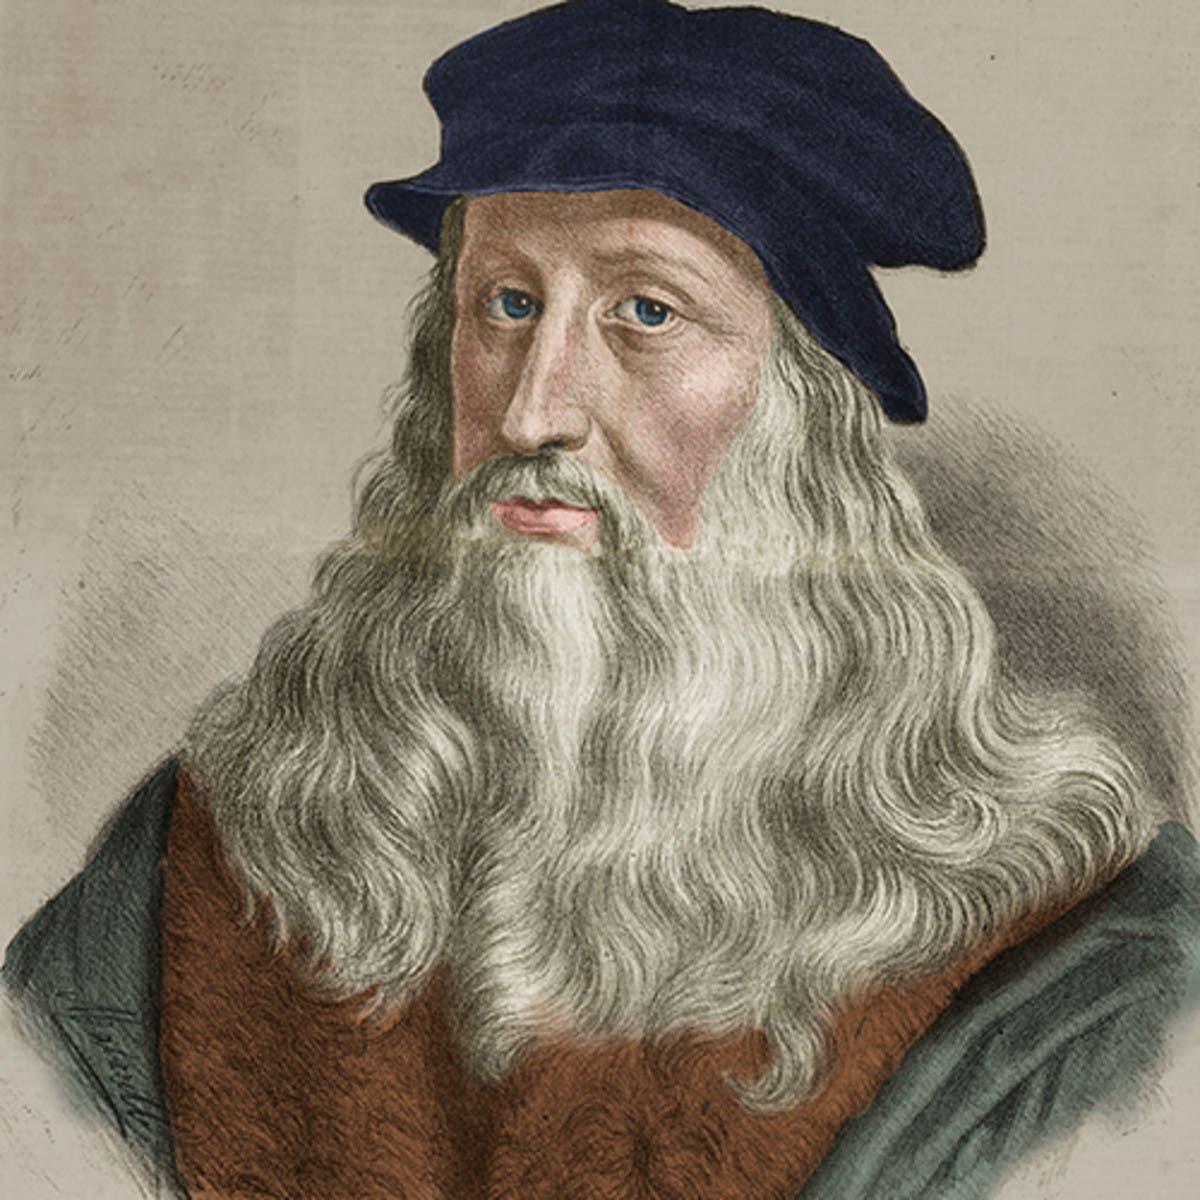 رسم تخيلي لشخصية ليوناردو دا فينشي